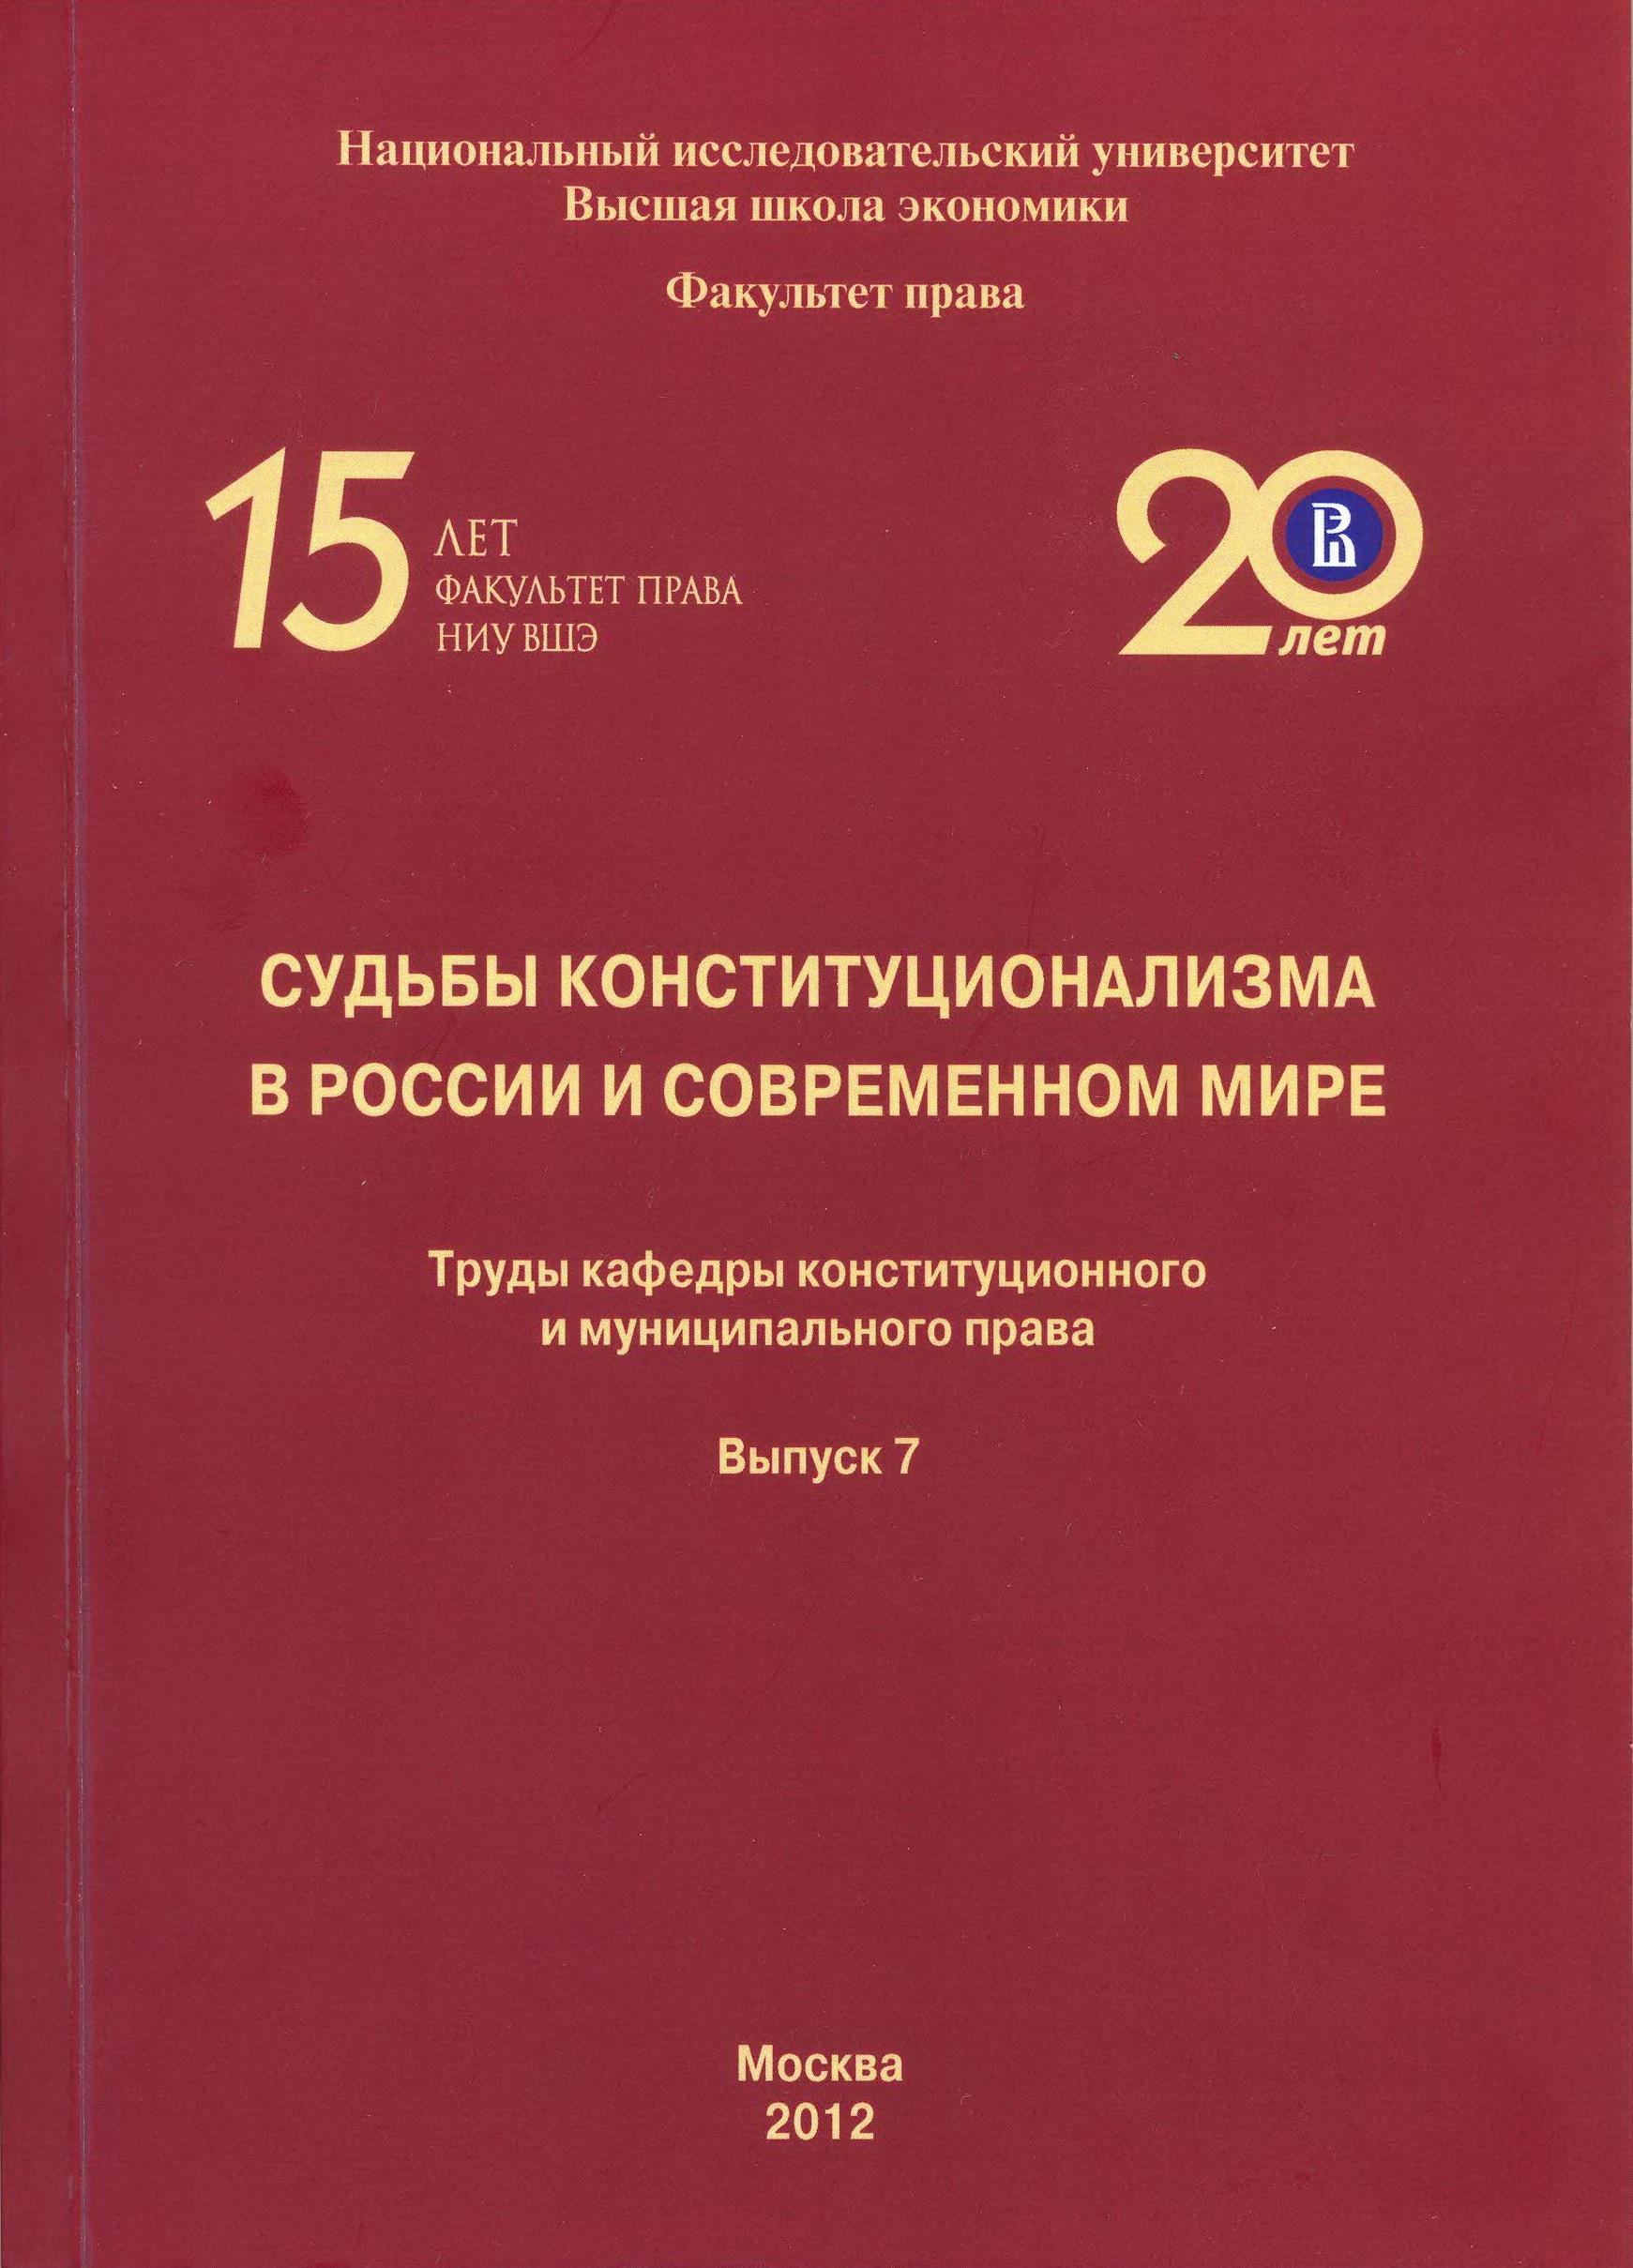 Институт депутатской неприкосновенности в практике местного самоуправления: генезис и проблемы правового регулирования